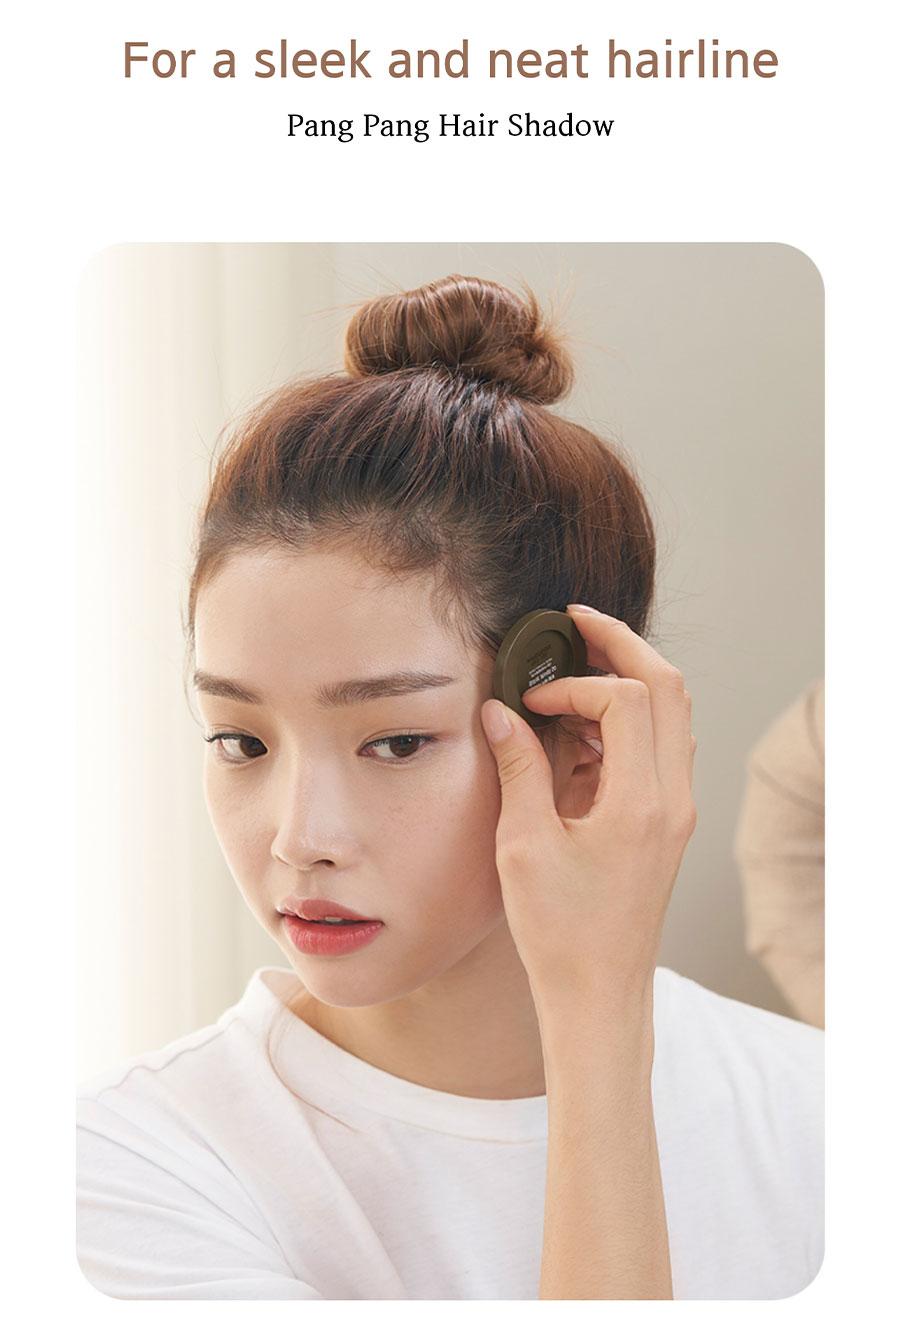 Pang Pang Hair Shadow - Intro